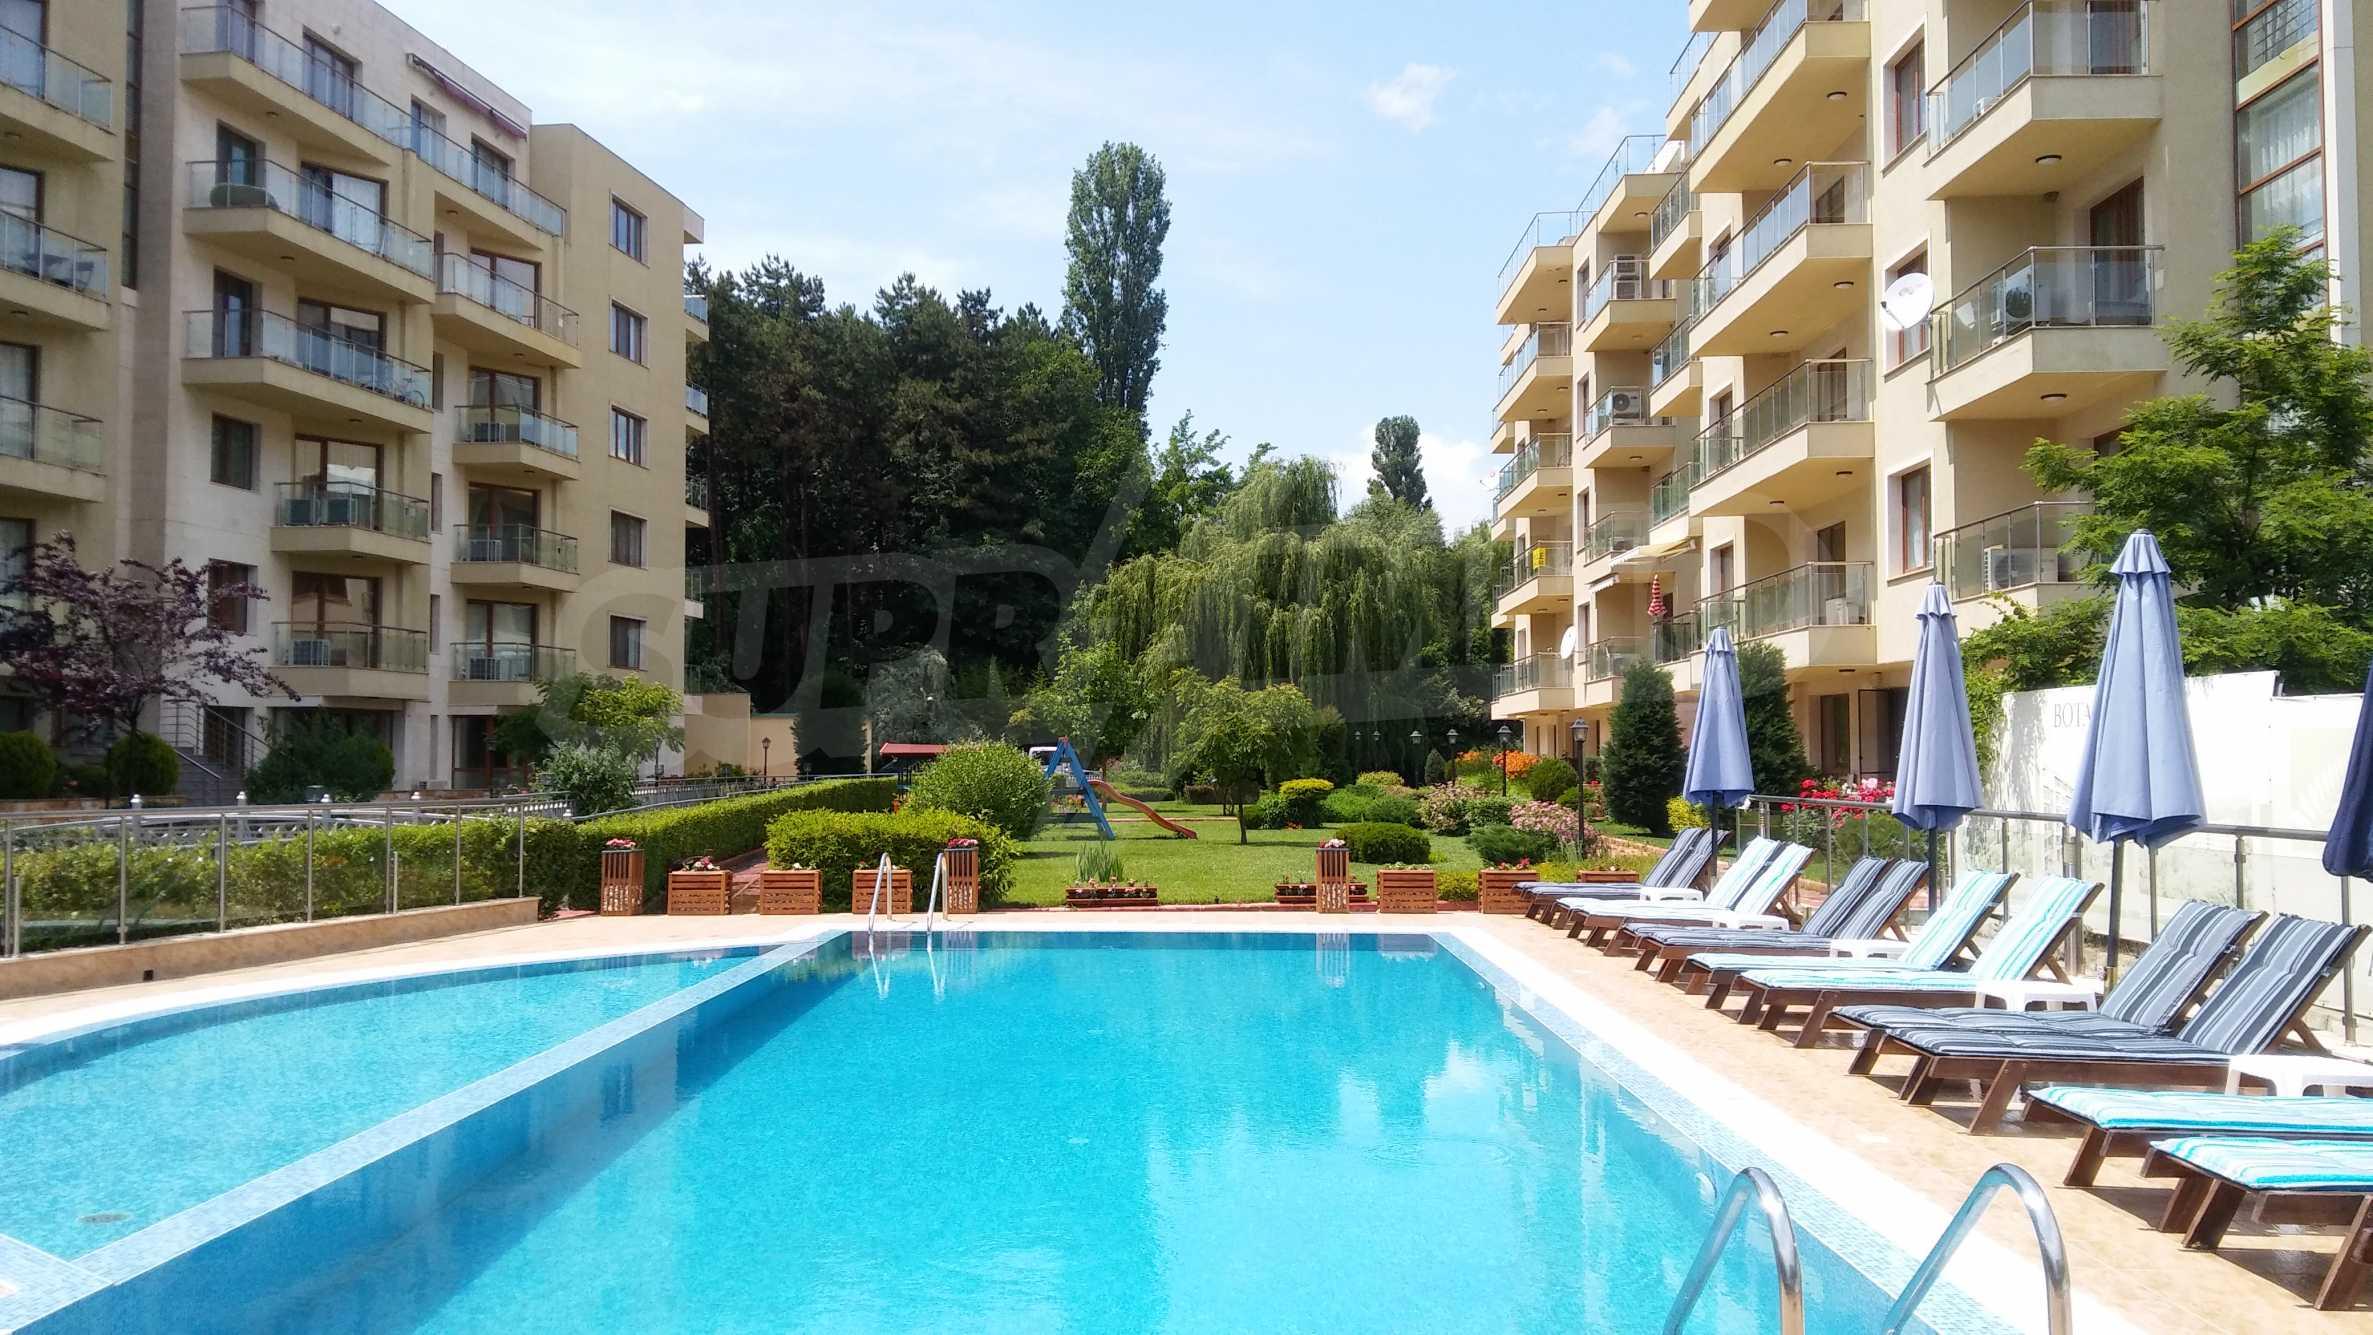 """Apartments """"schlüsselfertig"""" in einem Komplex in der Nähe des Botanischen Gartens und St. Konstantin und Helena"""